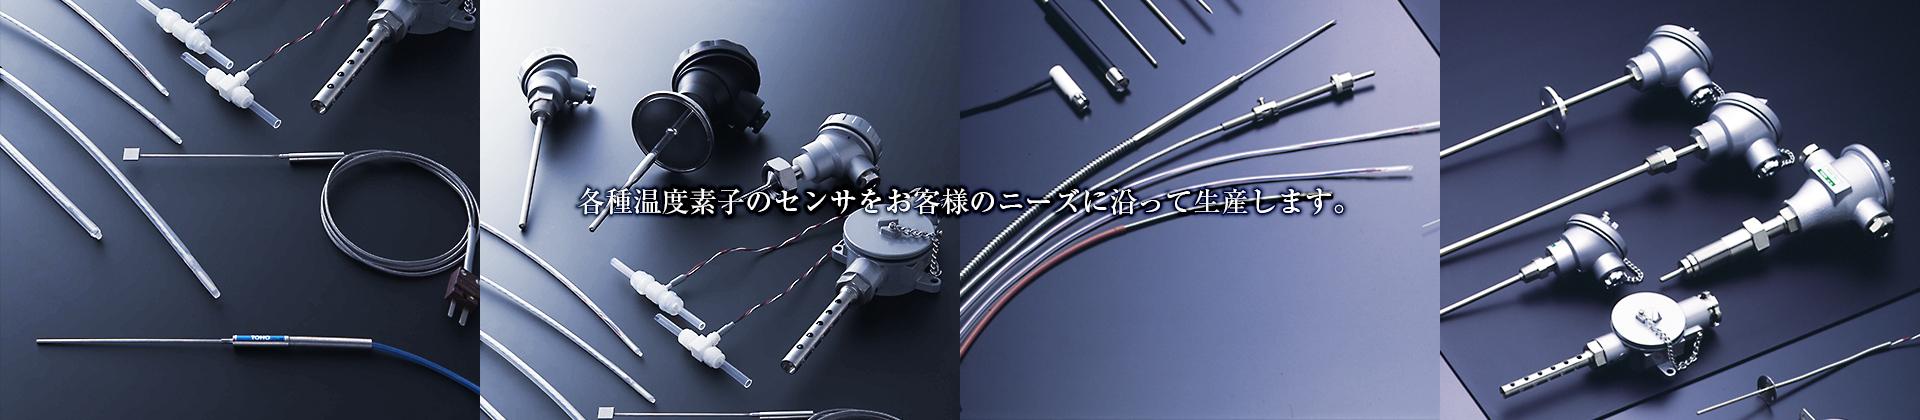 各種温度素子のセンサをお客様のニーズに沿って生産します。